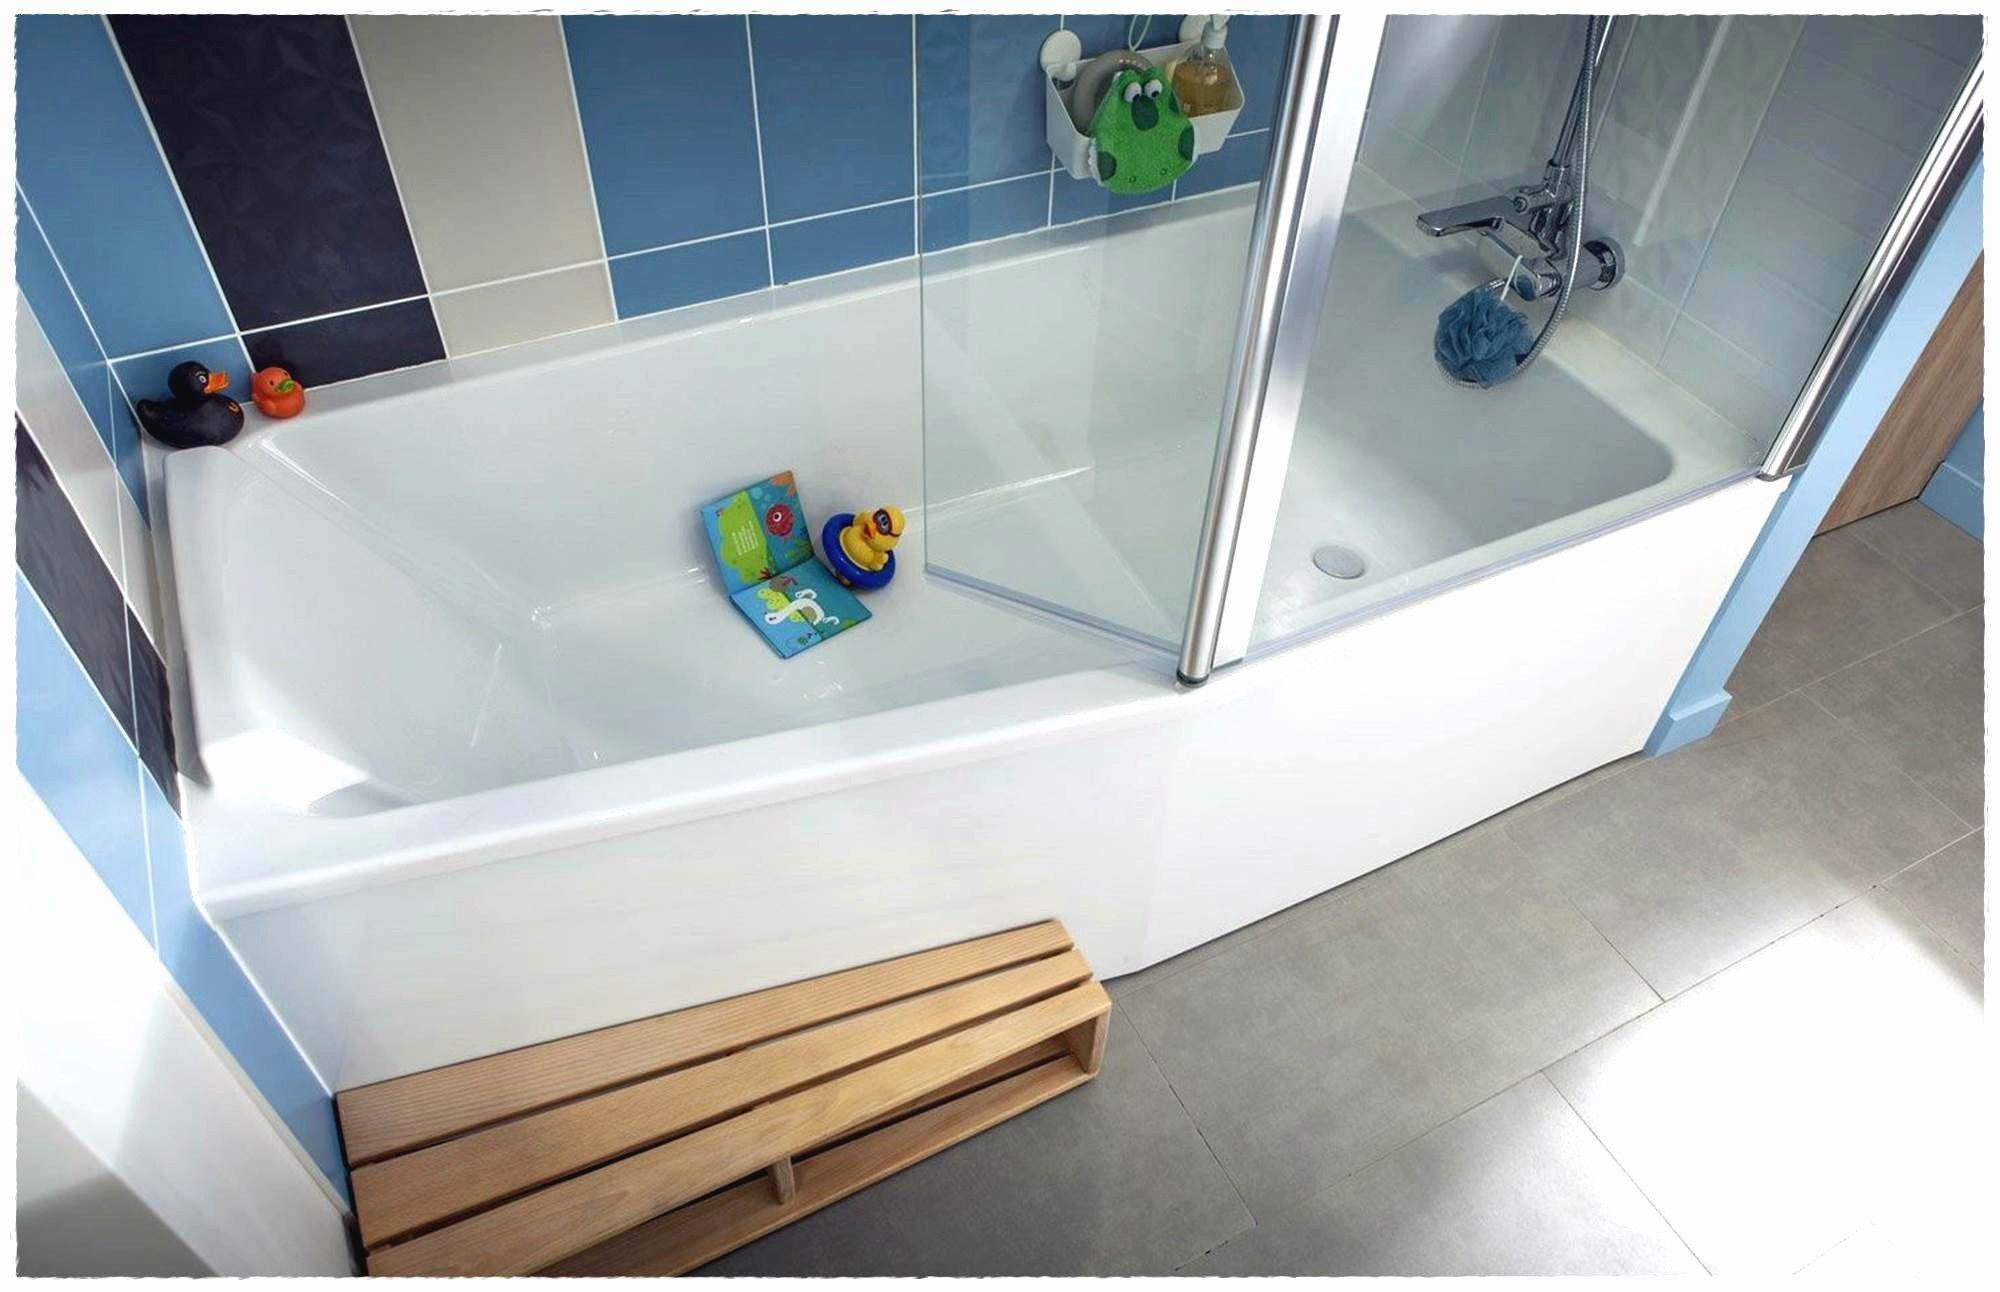 Trappe De Visite Baignoire Brico Depot Vous Pouvez Faire Dans Un Week End Bathroom Design Layout Creative Bathroom Design Bathroom Remodel Designs